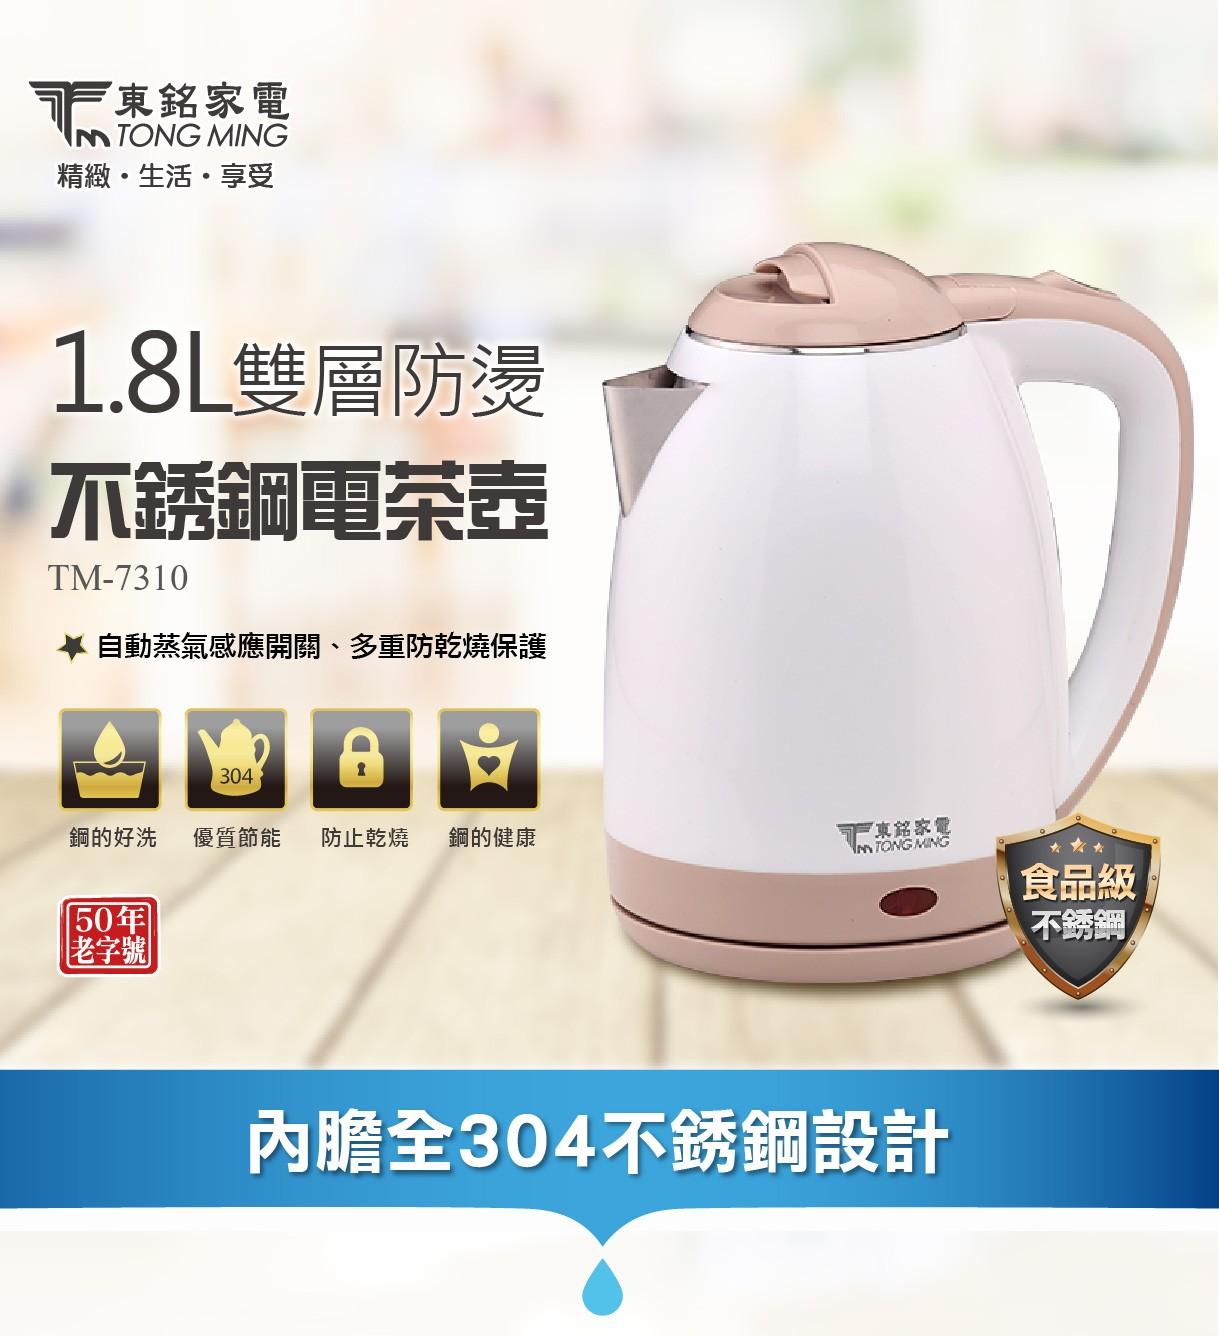 東銘 雙層防燙不銹鋼電茶壺1.8L TM-7310  快煮壺